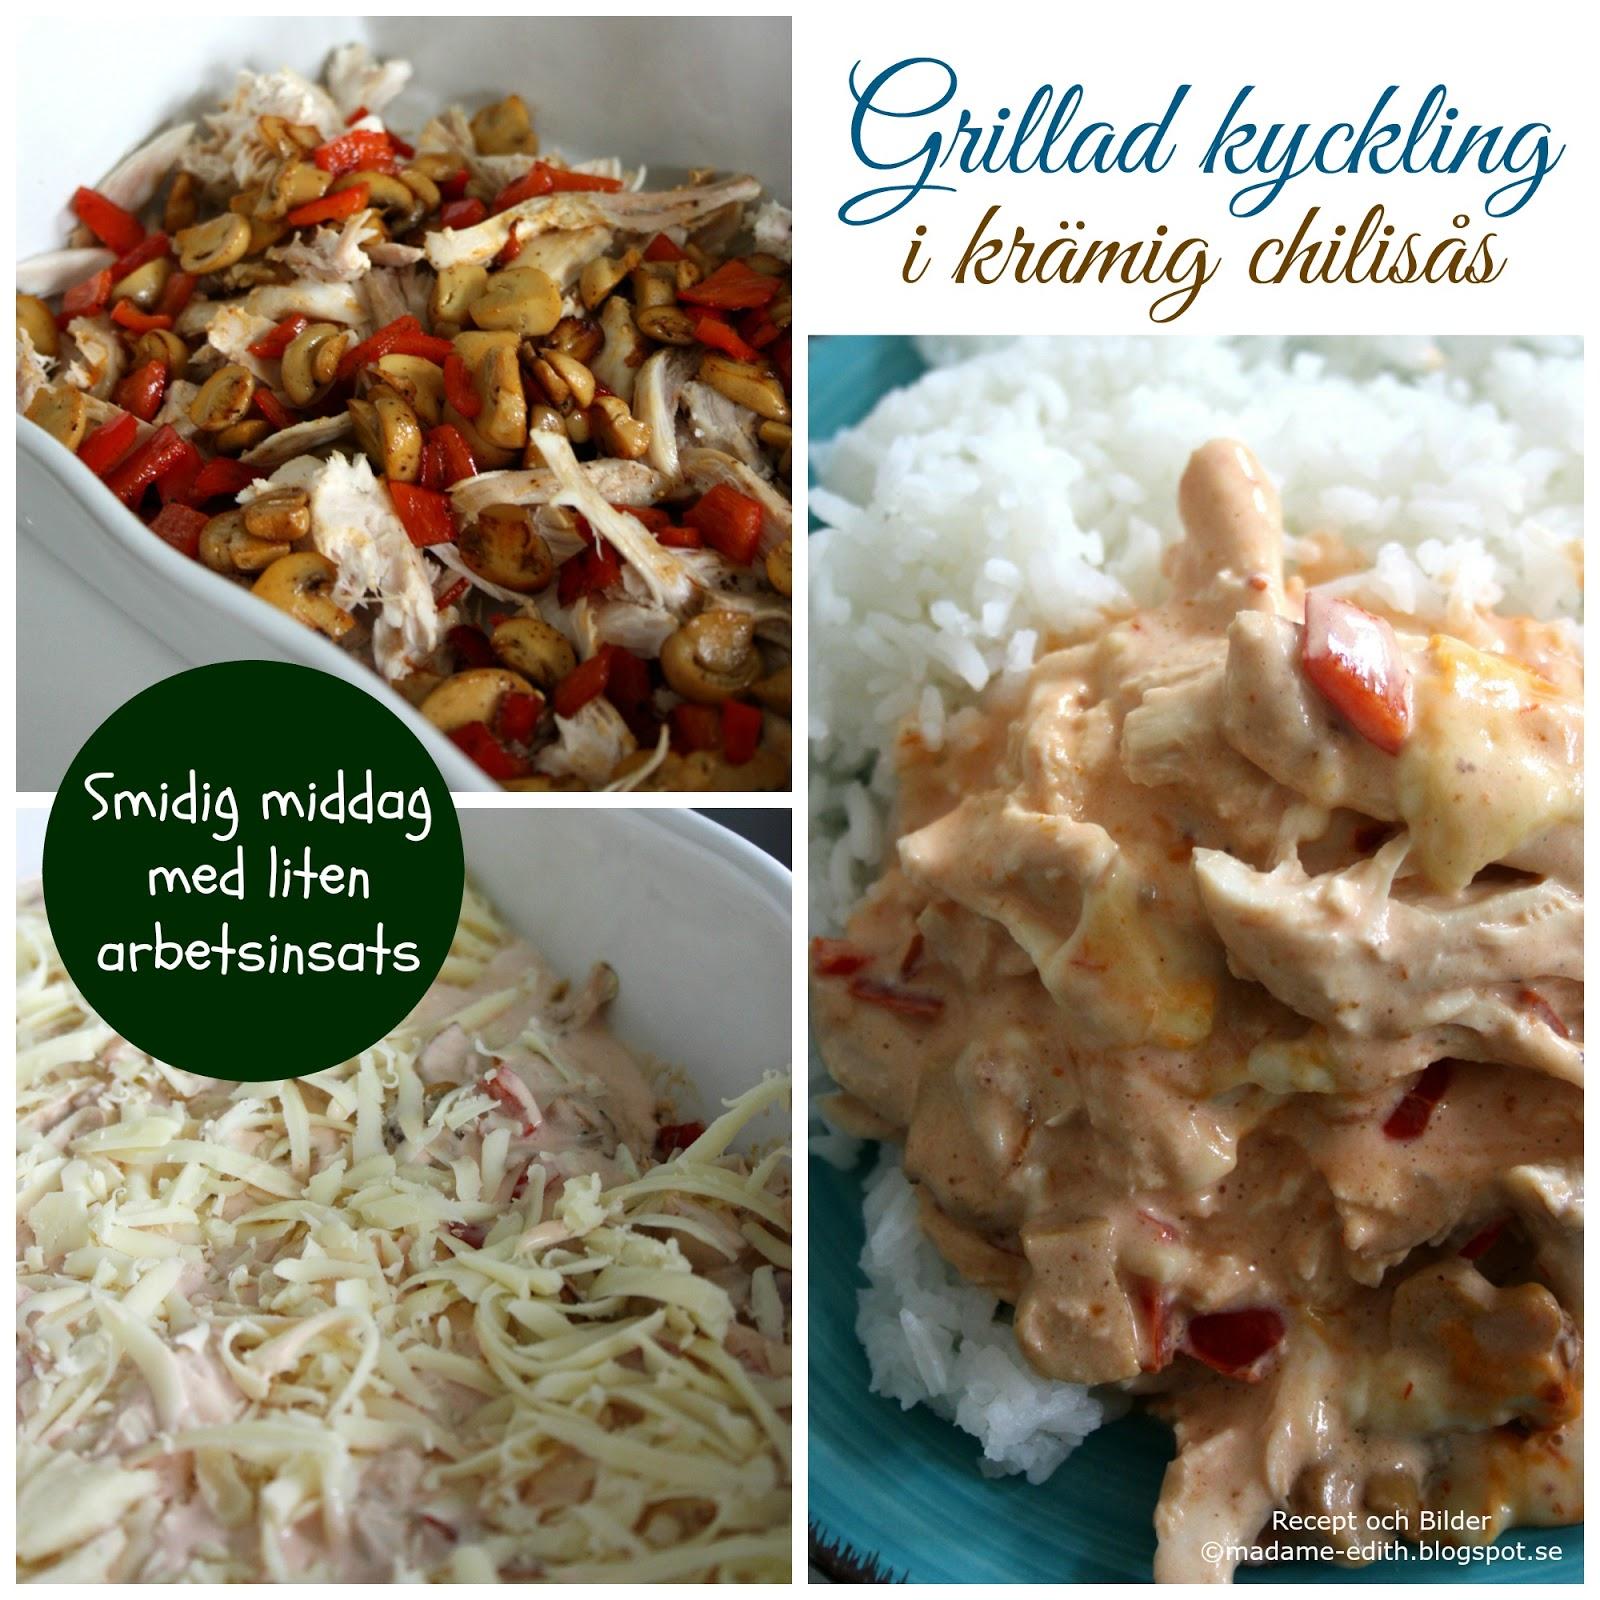 Grillad kyckling med caesarpotatissallad